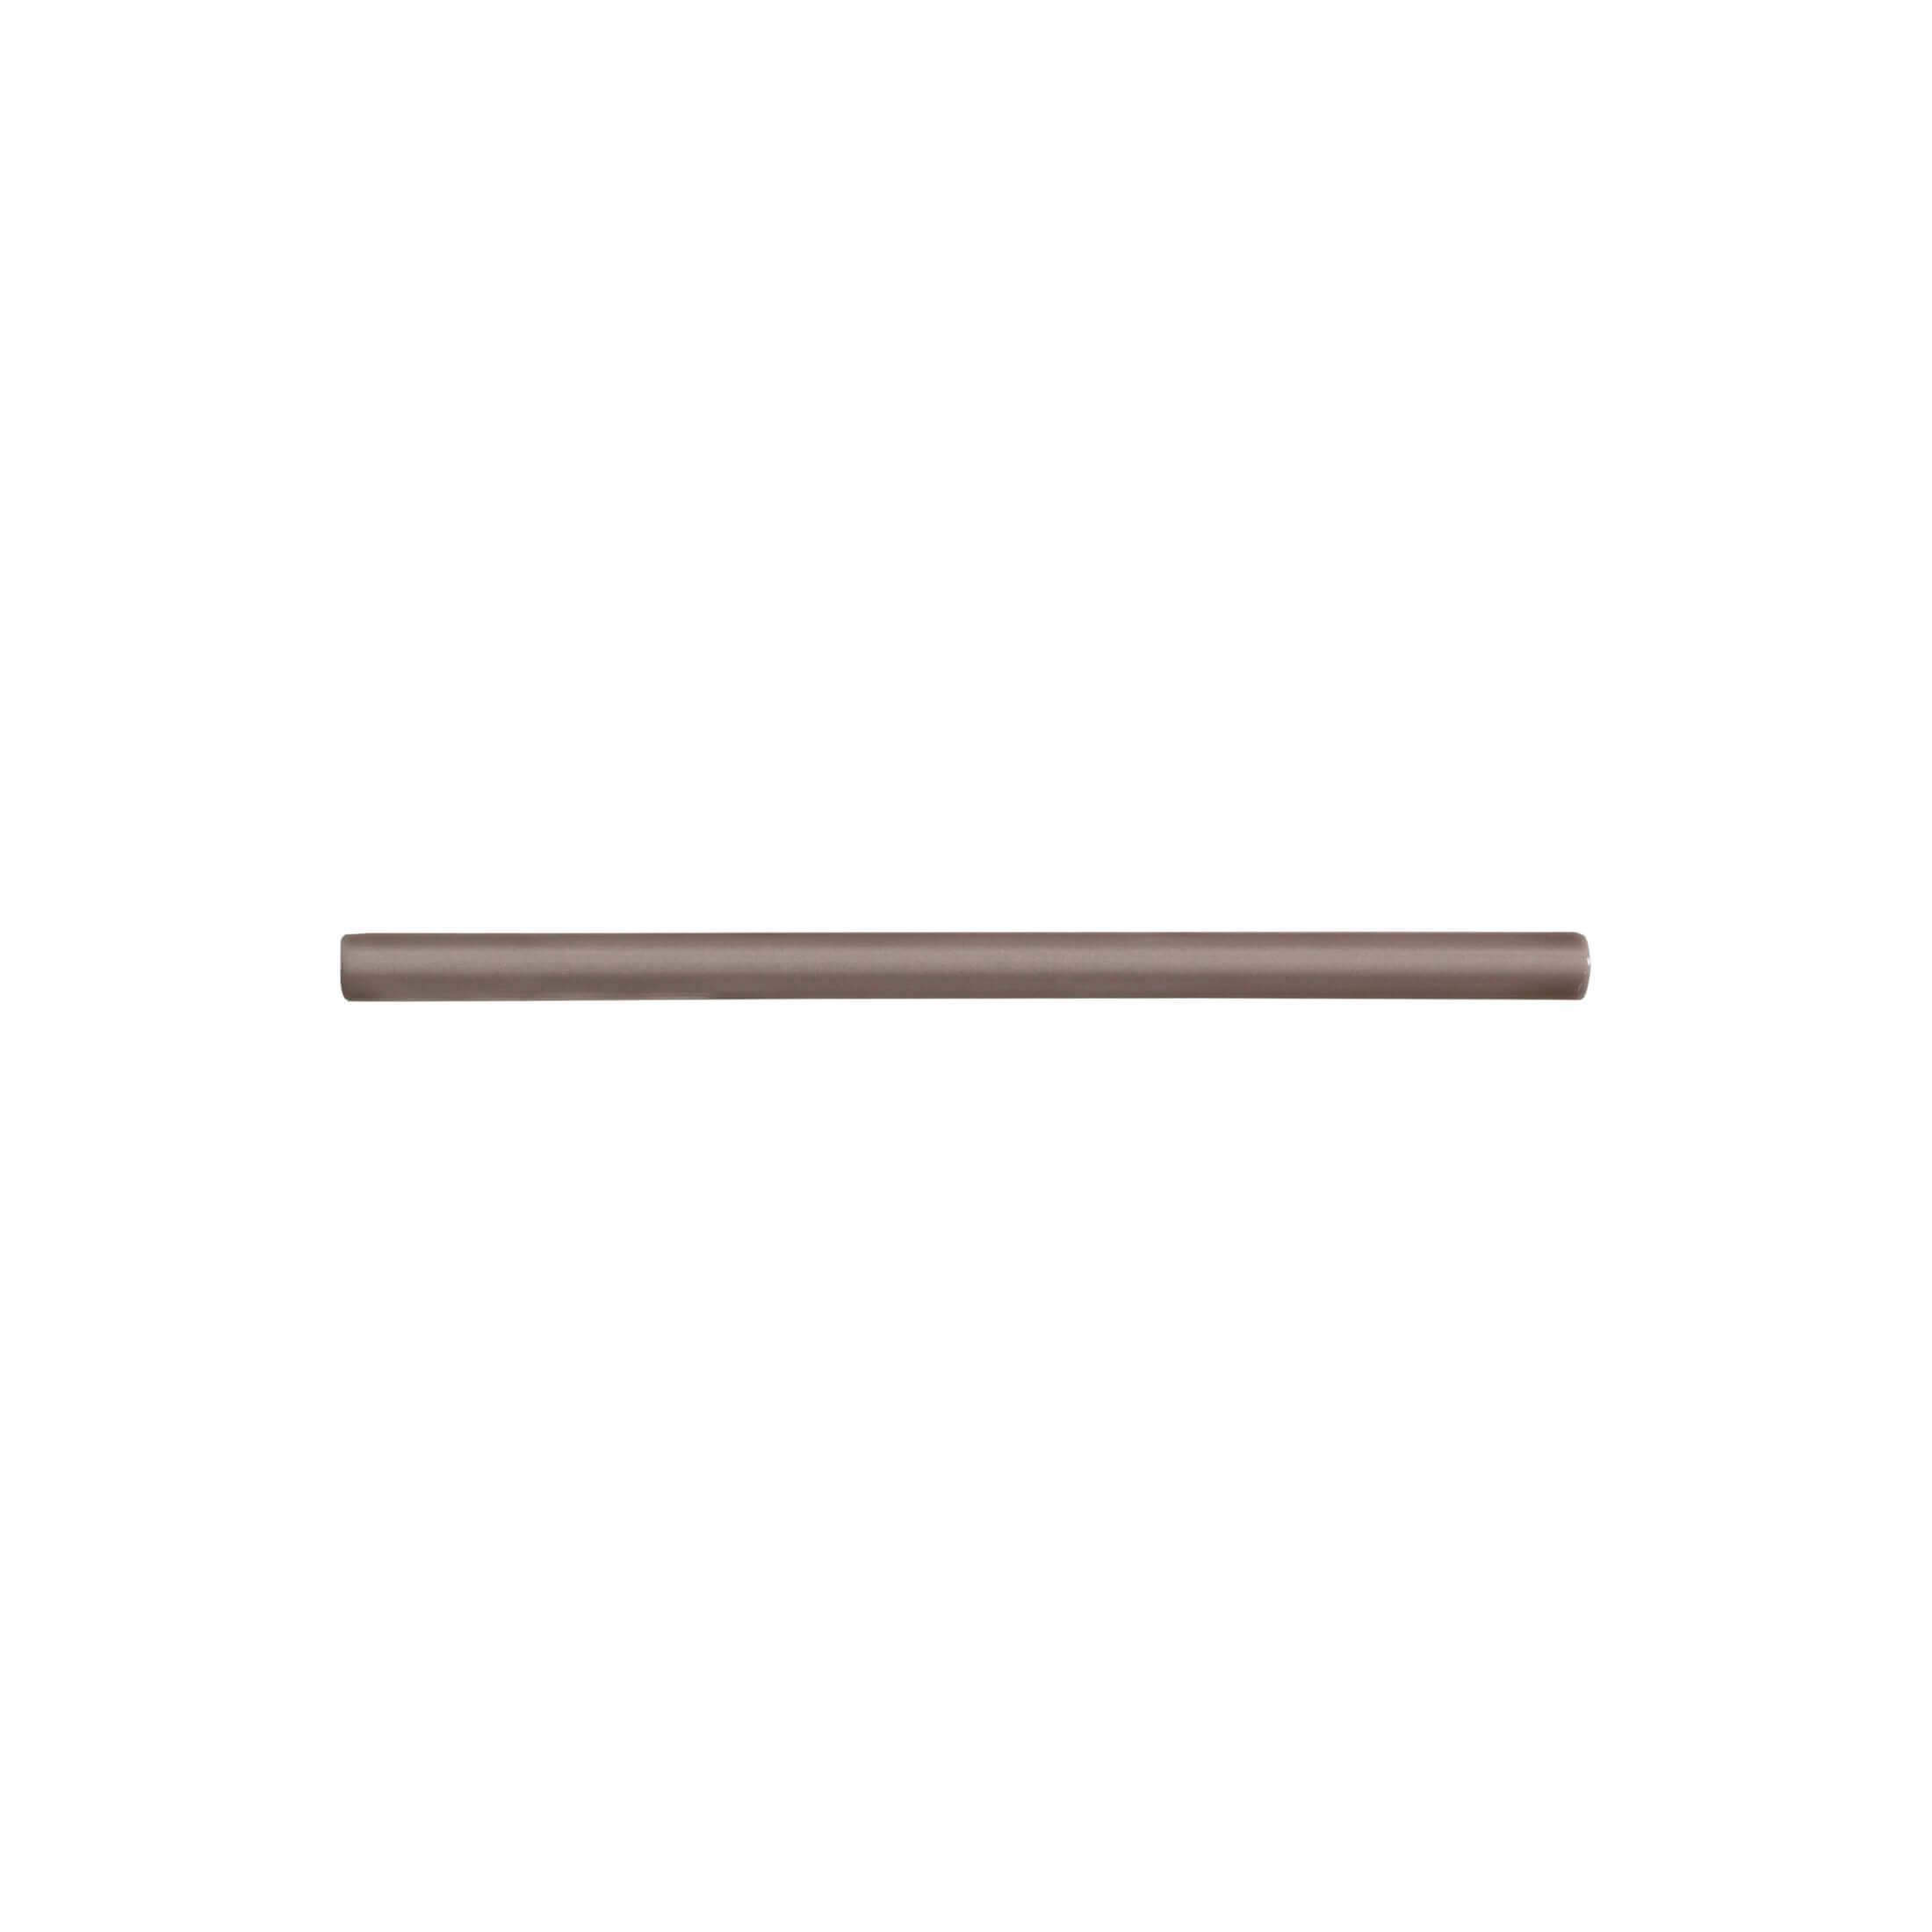 ADST5185 - BULLNOSE TRIM - 0.75 cm X 19.8 cm